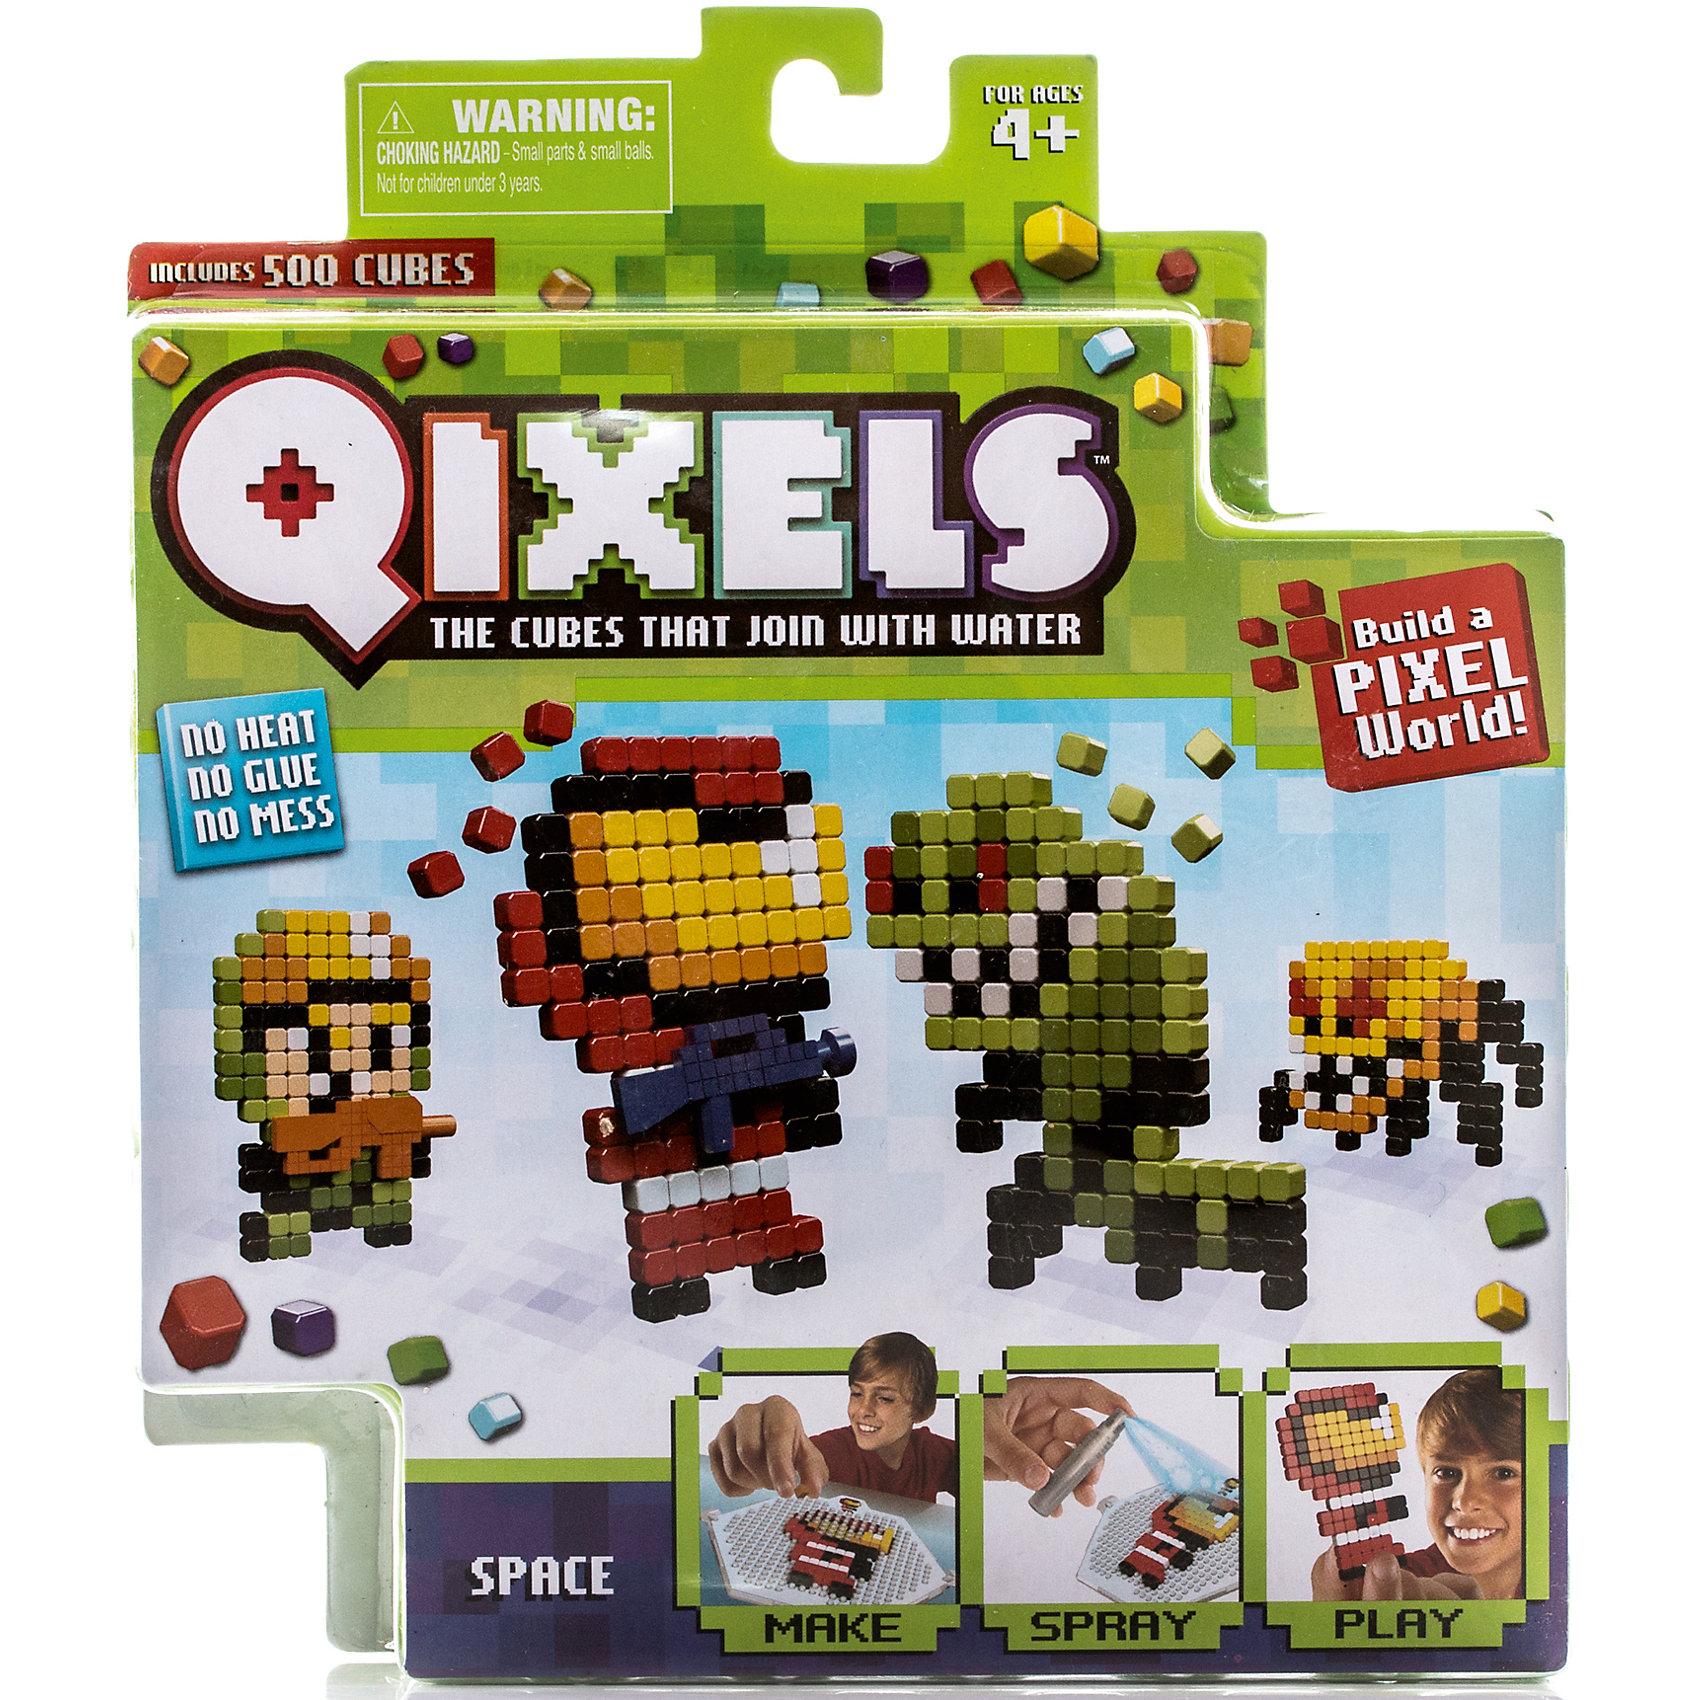 Набор для творчества Qixels КосмосТематический набор для творчества Qixels Космос позволит Вам сделать собственными руками забавные фигурки человечков и инопланетных зверюшек. Соберите фигурку из ярких деталей по одному из 4-х лекал, входящих в комплект набора, после чего обрызгайте её водой из распылителя и подождите 30 минут. После высыхания, с полученной фигуркой можно играть как с самой обычной игрушкой! Кроме лекал, входящих в набор, Вы можете использовать свои собственные дизайн-лекала и собирать из кубиков Квикселс совершенно уникальных и неповторимых персонажей.<br>В комплект набора входит:<br>500 x кубиков<br>1 x дизайн лоток<br>4 x цветных дизайн лекала<br>1 x опора<br>1 x база<br>2 x аксессуара<br>1 x бирка с нитью<br>1 x распылитель для воды<br>1 x инструкция<br><br>Ширина мм: 40<br>Глубина мм: 215<br>Высота мм: 185<br>Вес г: 233<br>Возраст от месяцев: 72<br>Возраст до месяцев: 180<br>Пол: Унисекс<br>Возраст: Детский<br>SKU: 5032649